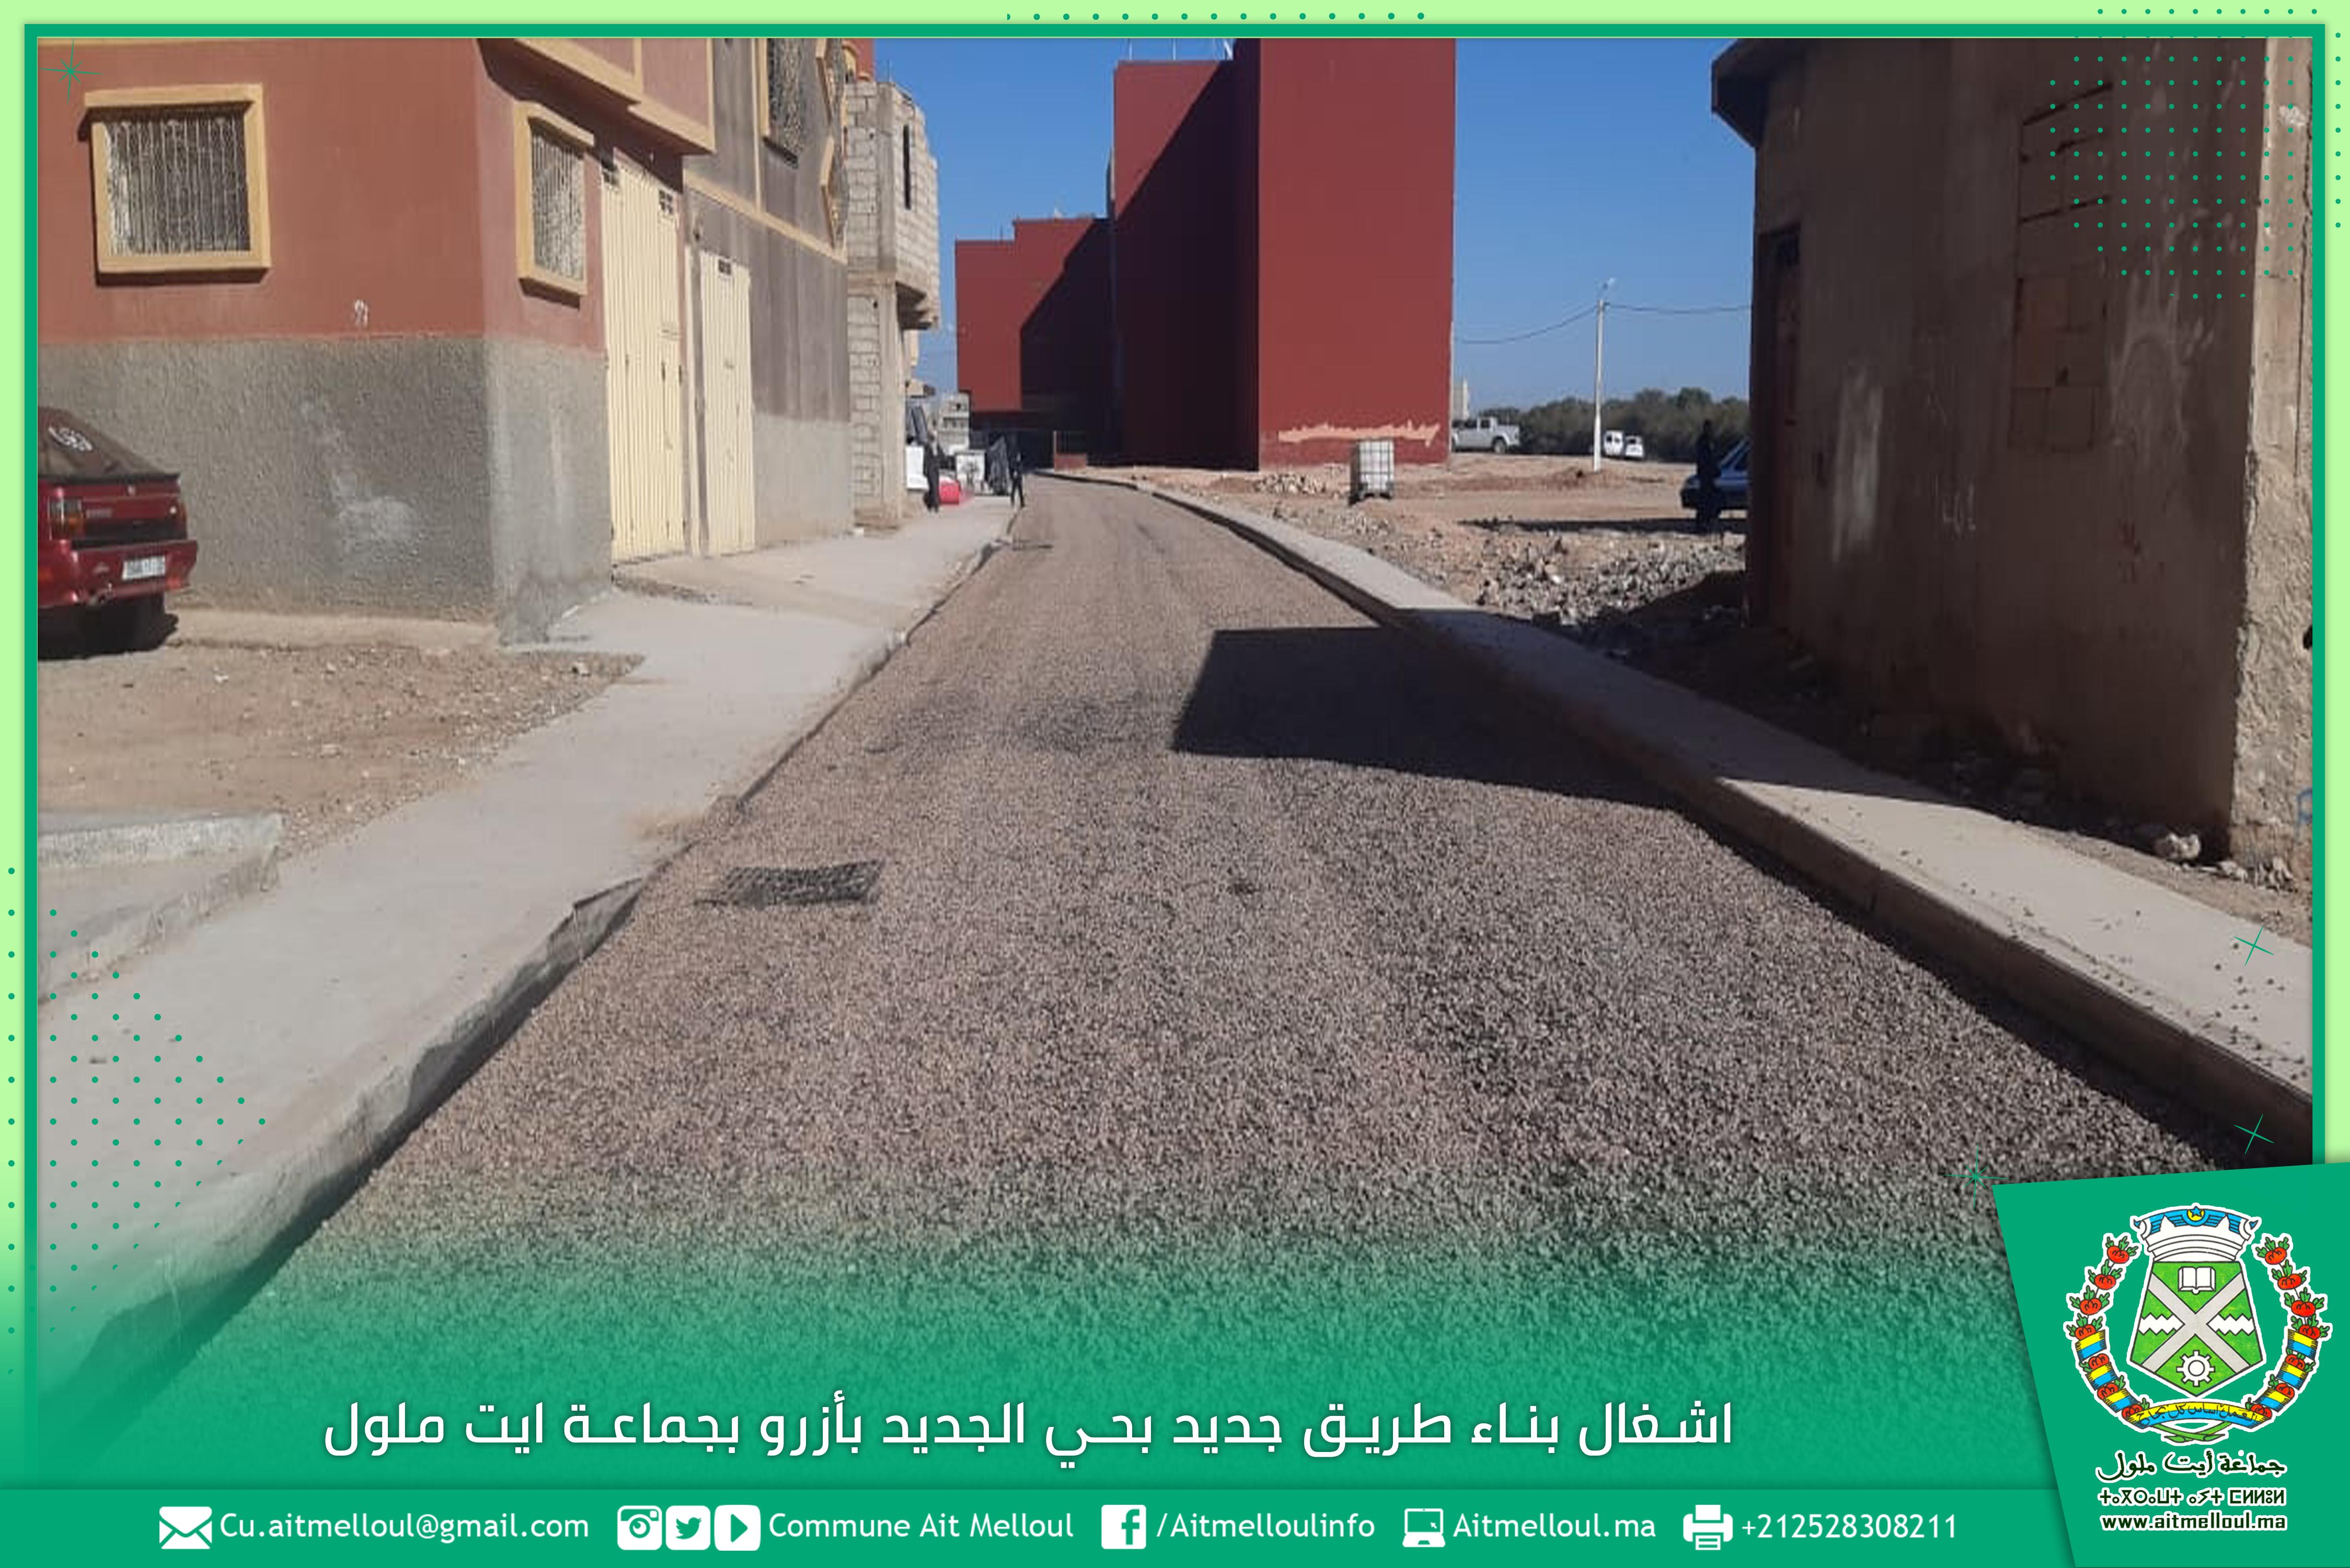 أشغال بناء طريق جديد بحي الجديد بأزرو بجماعة أيت ملول